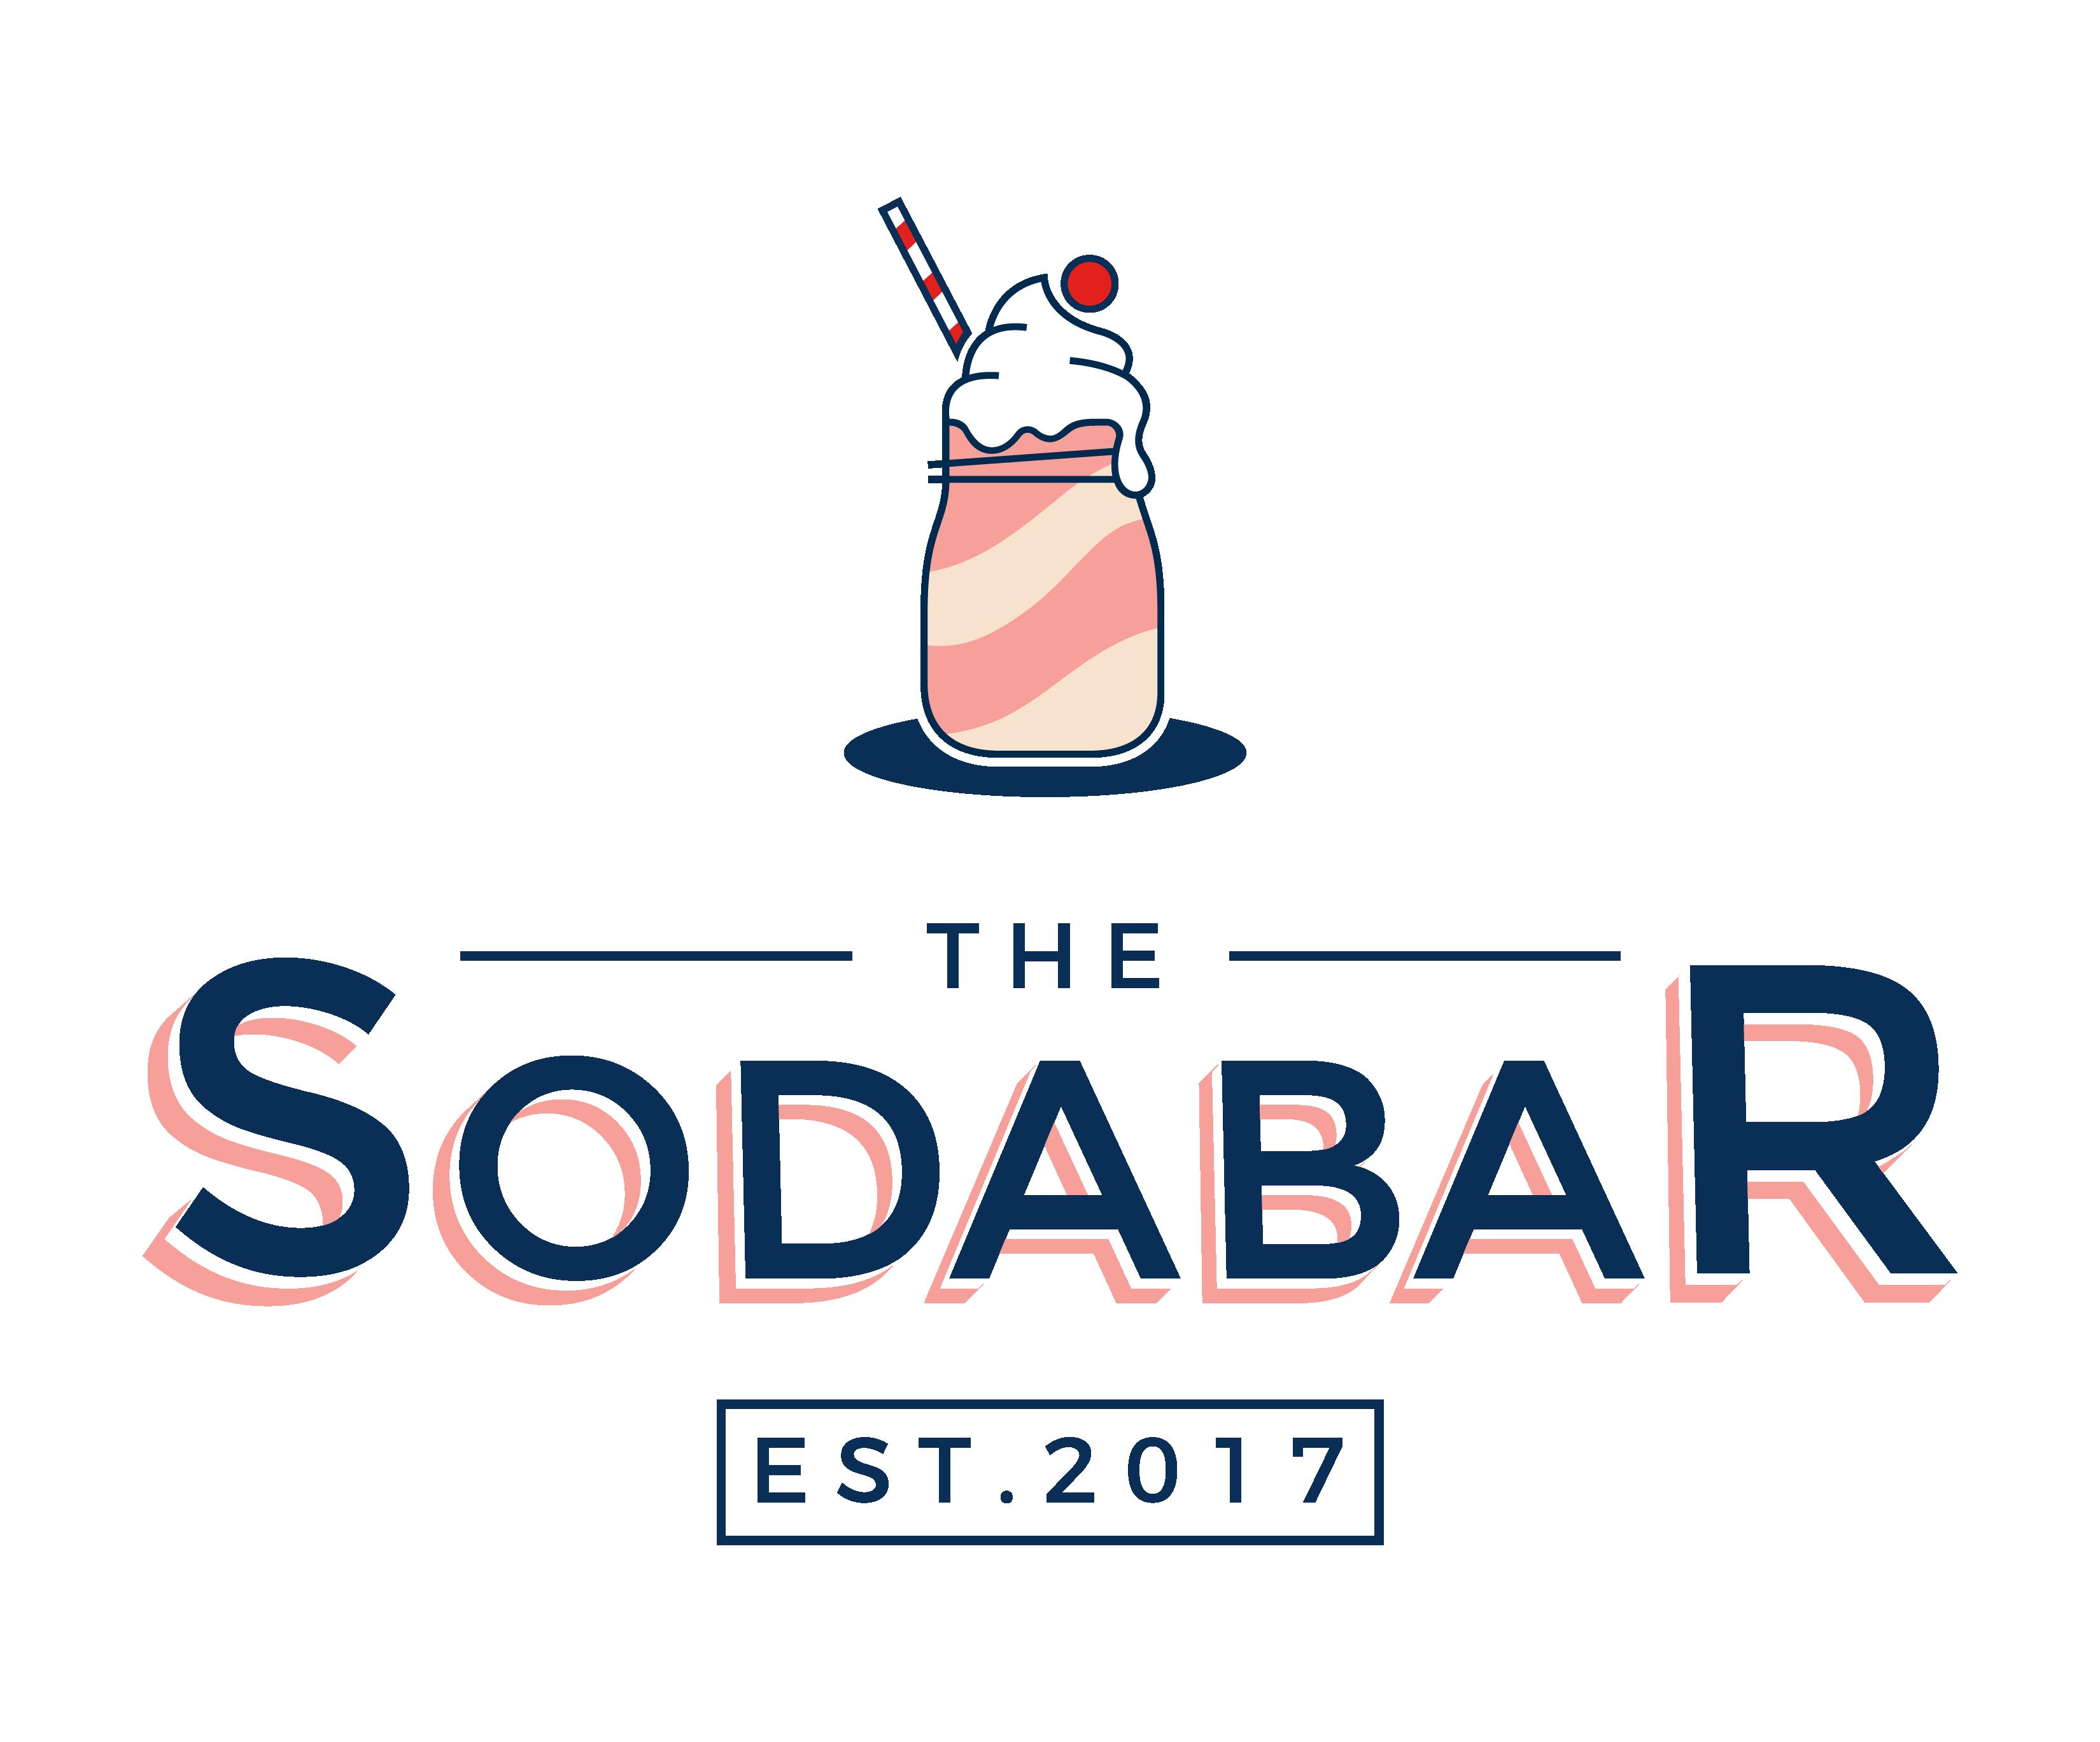 Sodabar Logo